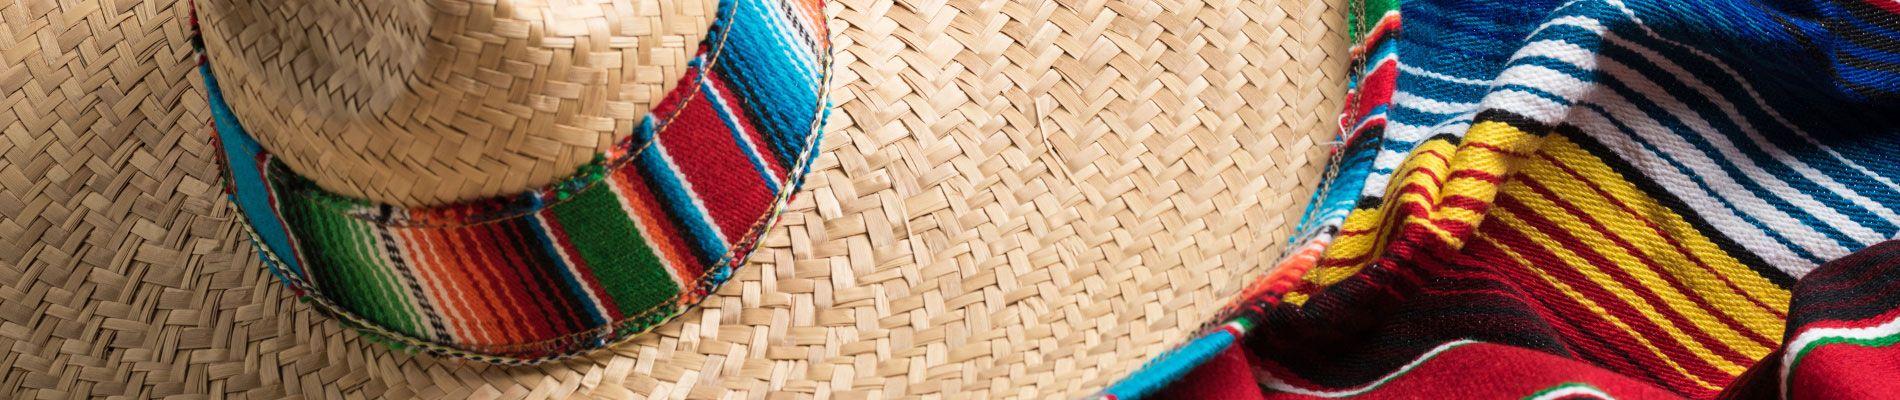 mexique-chapeau-tradition